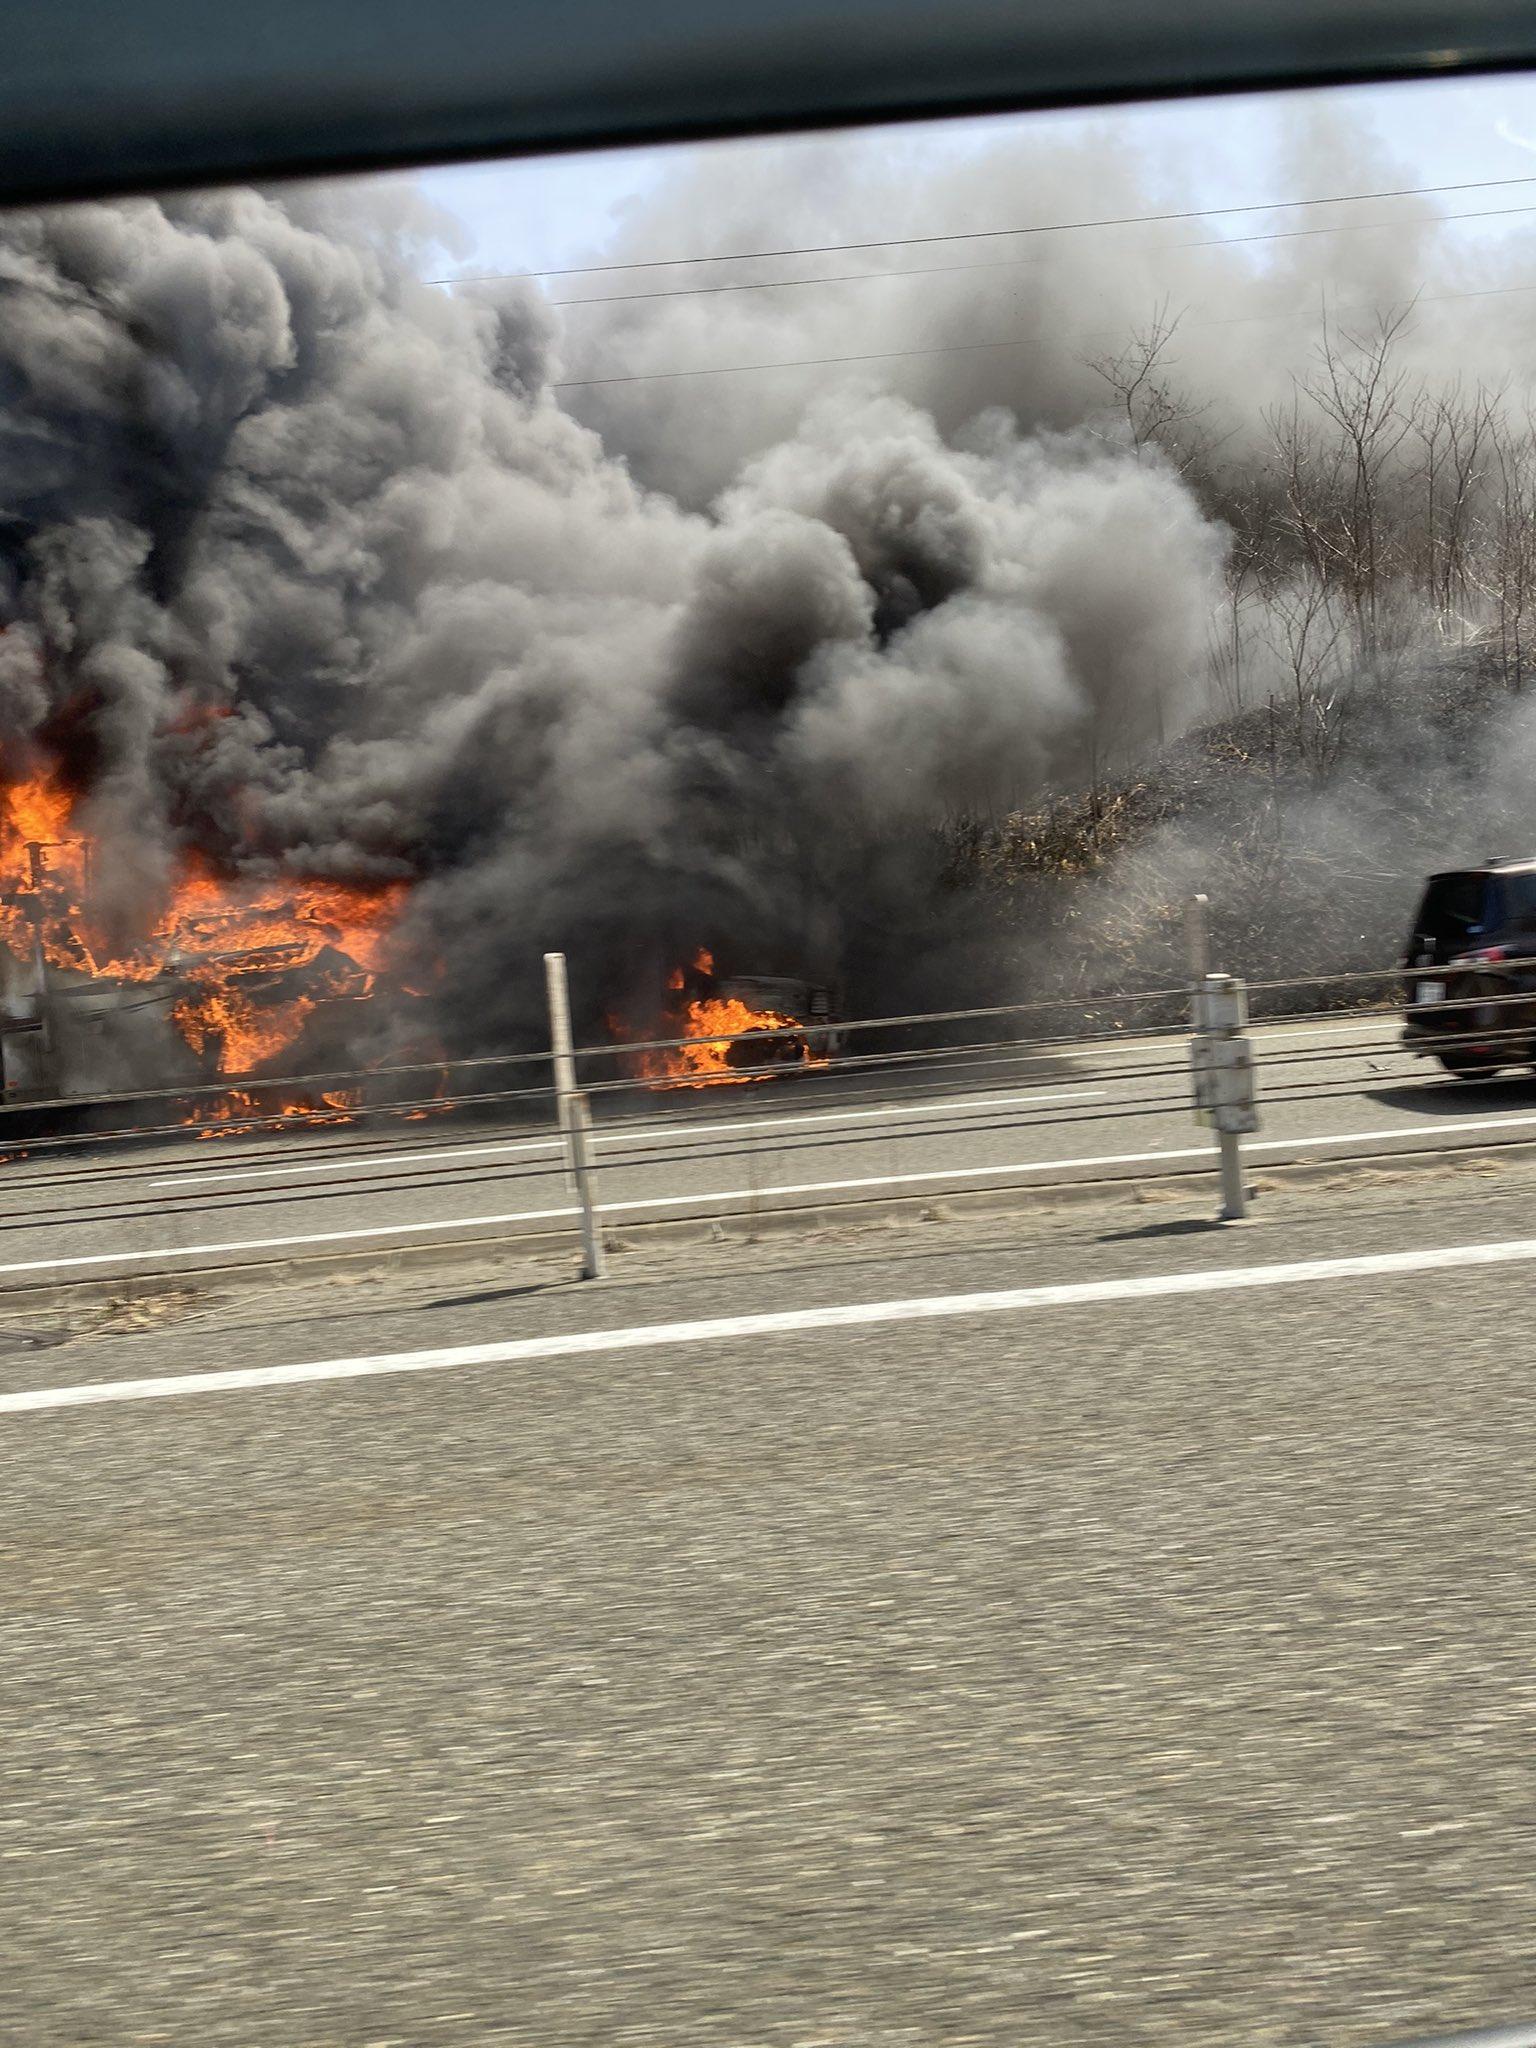 画像,高速道路の火災に遭遇〜😔通るとき熱かった〜〜〜中の人とか大丈夫だったかな? https://t.co/YkPWg32vEY…